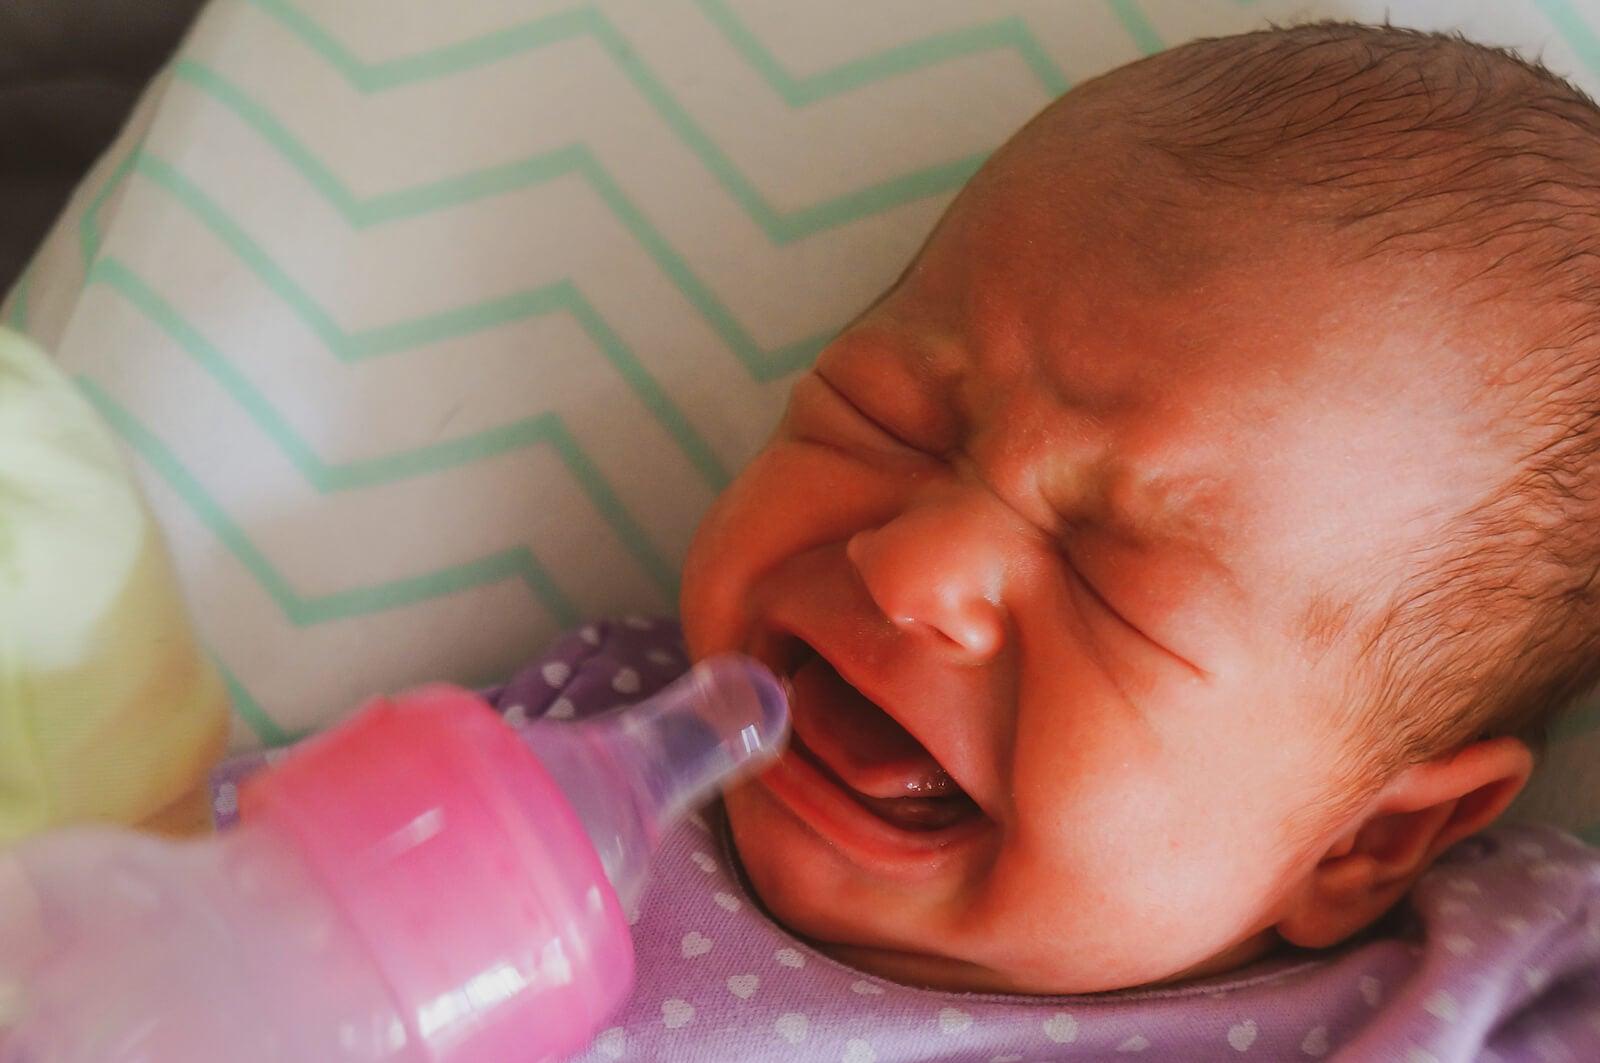 Bebé con síndrome de abstinencia neonatal llorando mientras come.